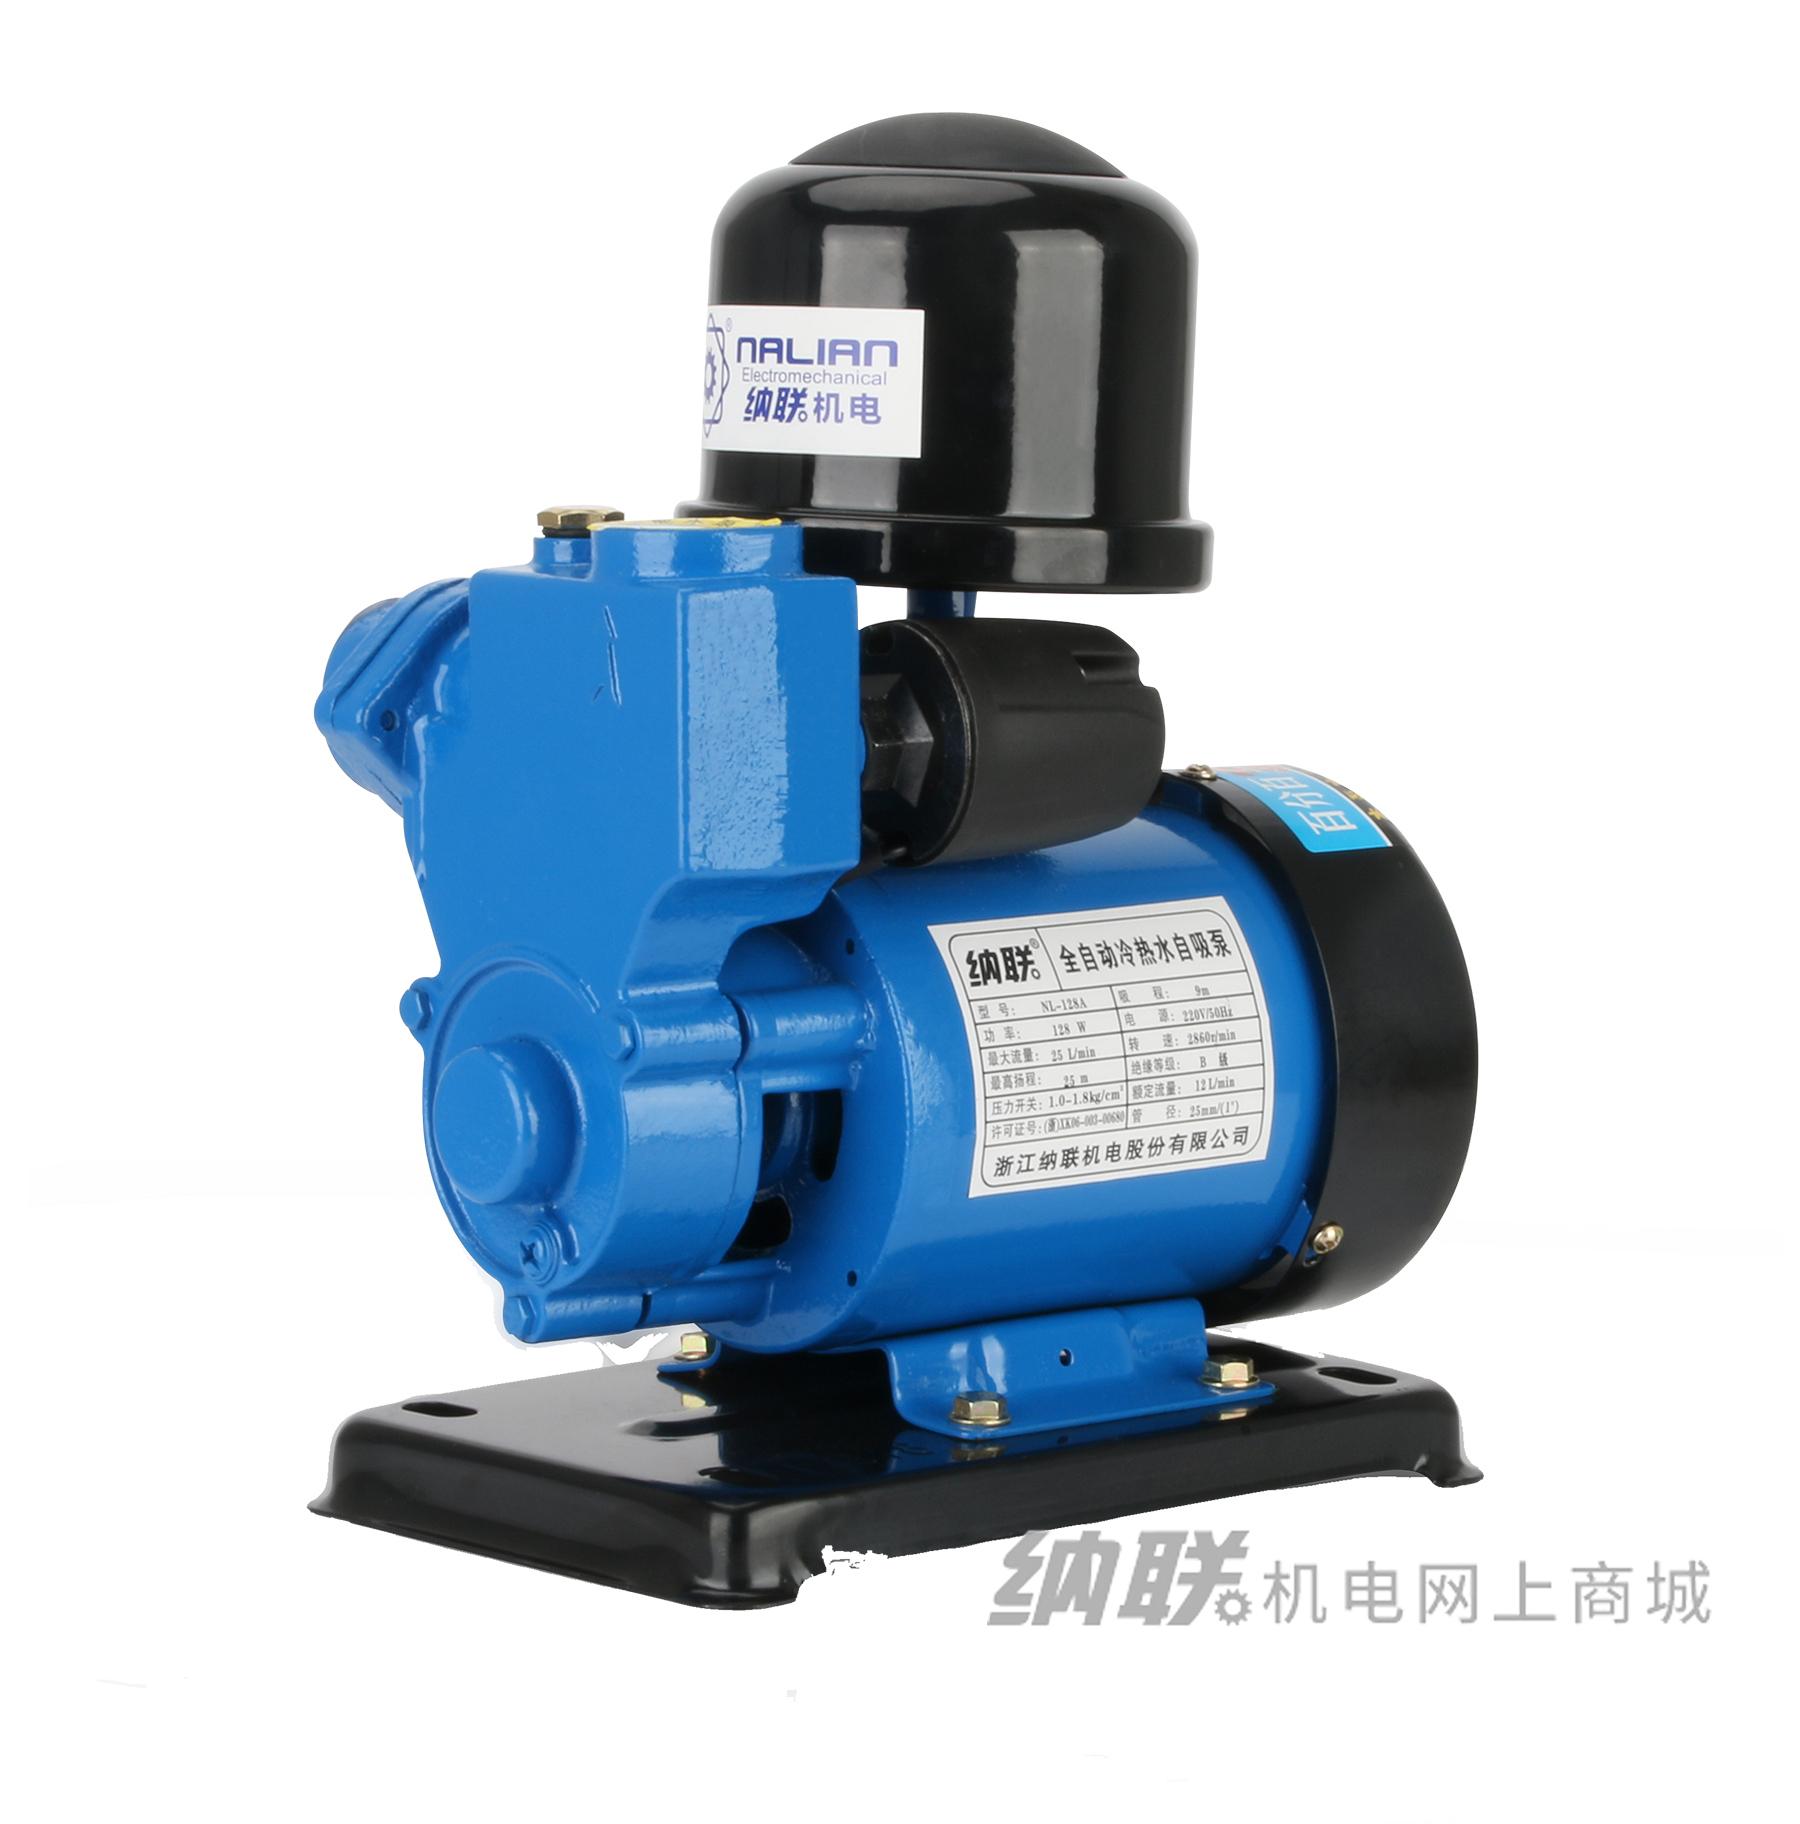 纳联机电 全自动冷热水自吸泵-NL-128A(精包装)新